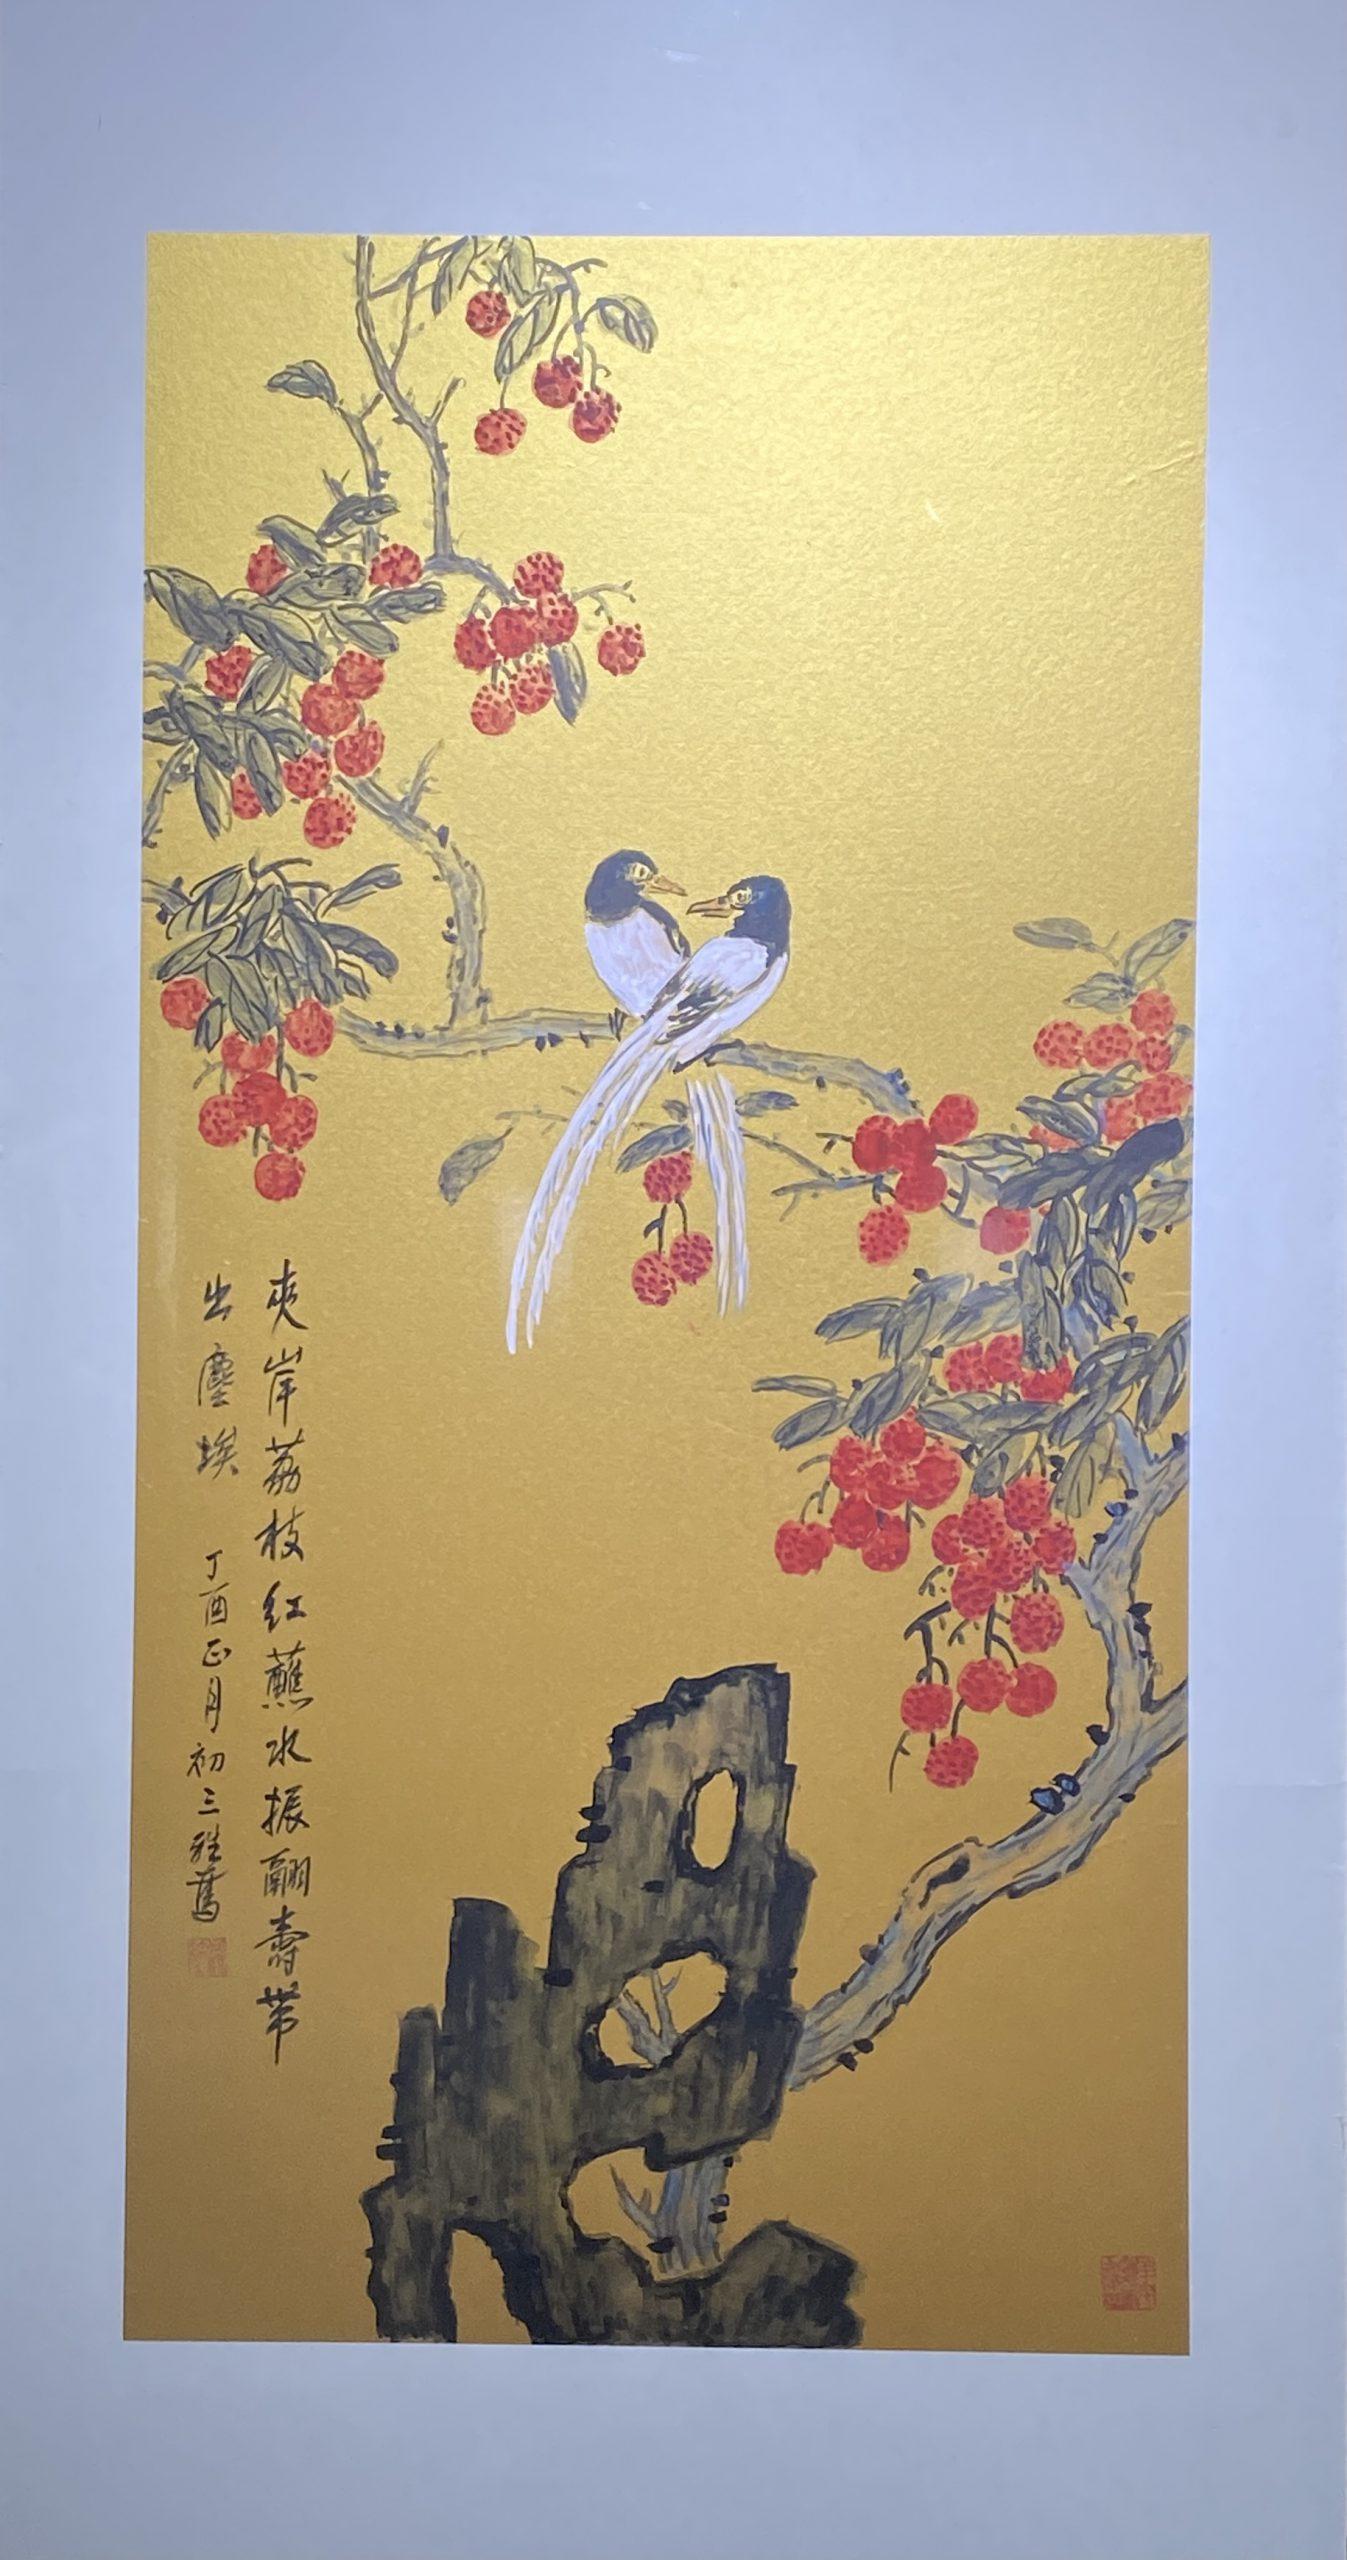 荔枝双棲-2017-中国画-137×69cm-「丹青を振りかけ、詩情を送る-何継篤個人書画展」成都市美術館